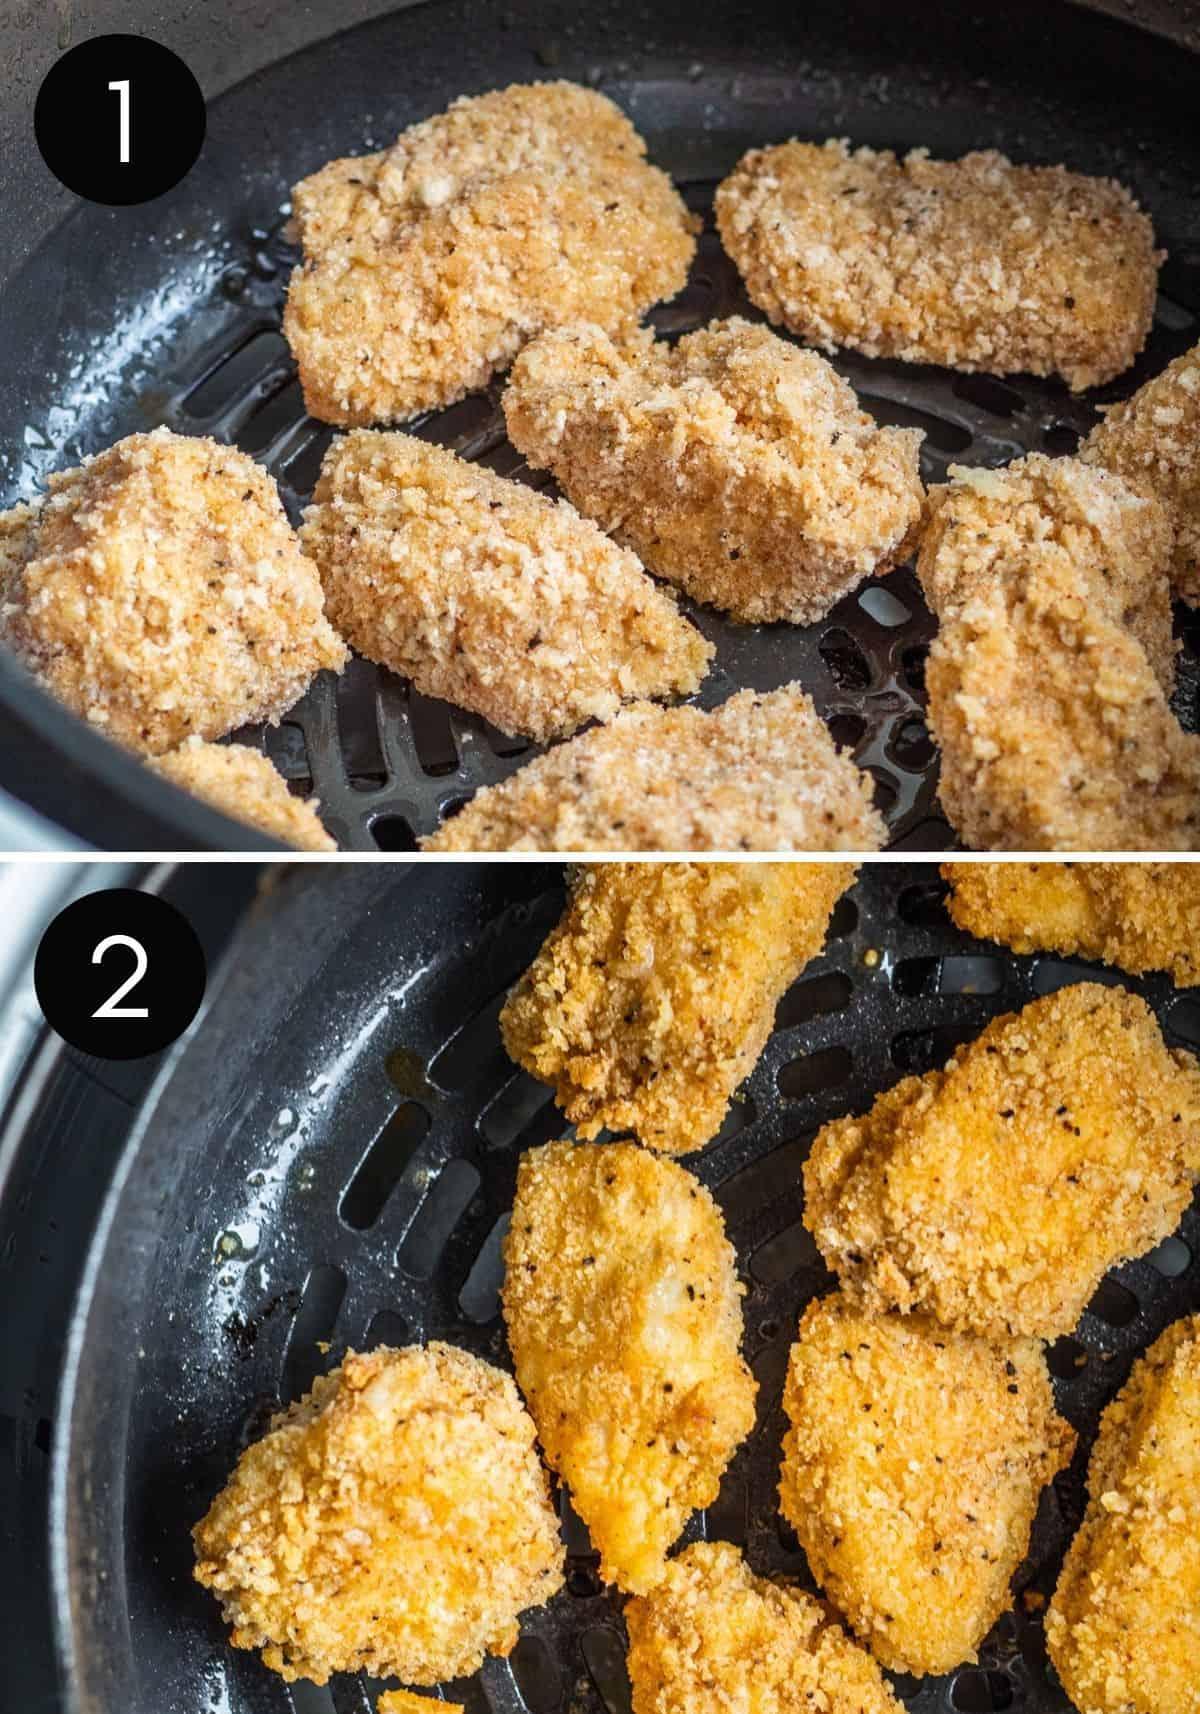 Popcorn chicken being air fried.